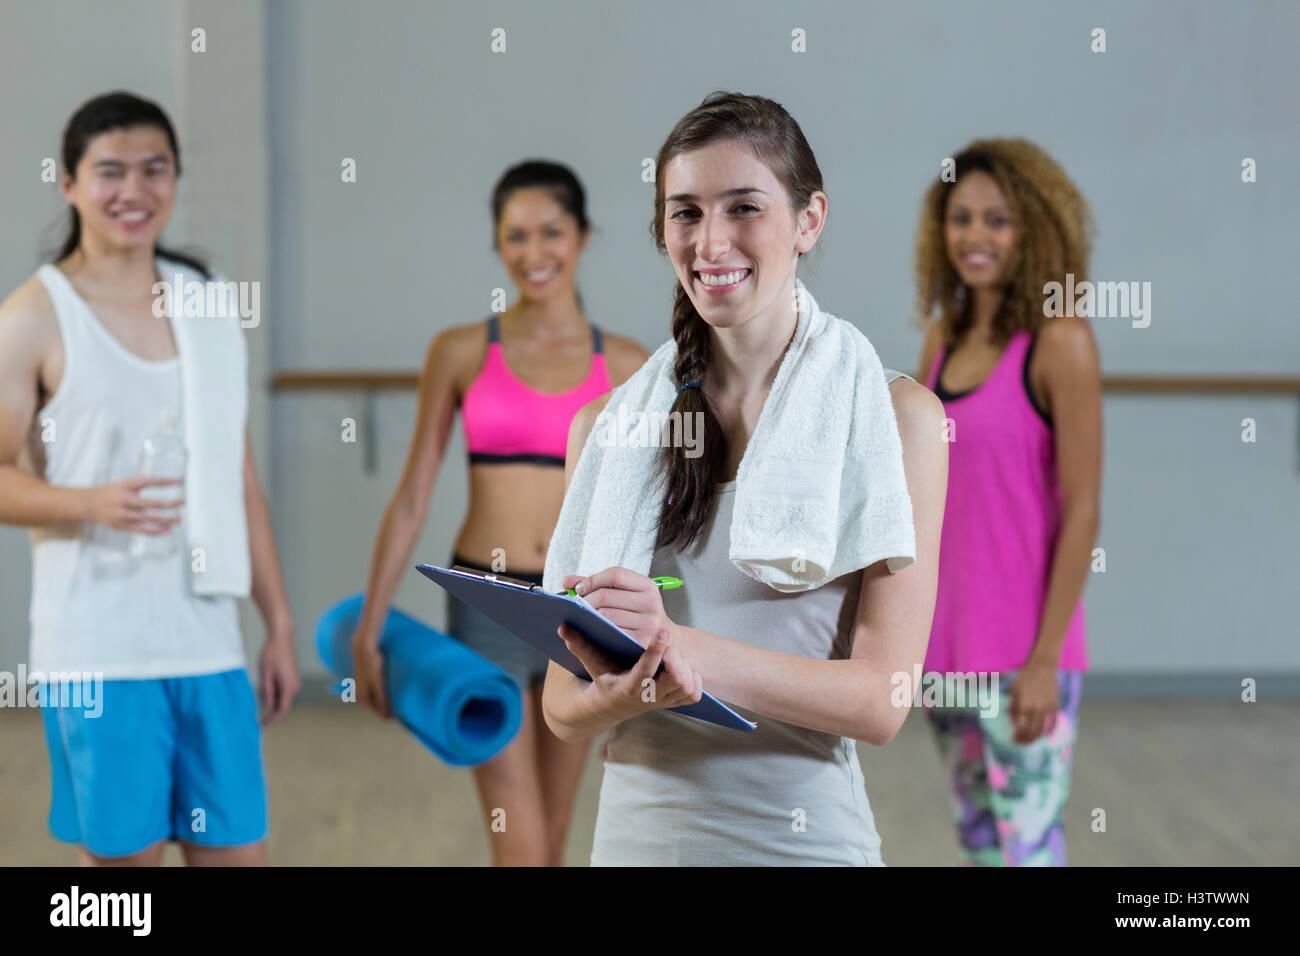 Retrato de mujer trainer celebración portapapeles con clase de gimnasia en segundo plano. Imagen De Stock